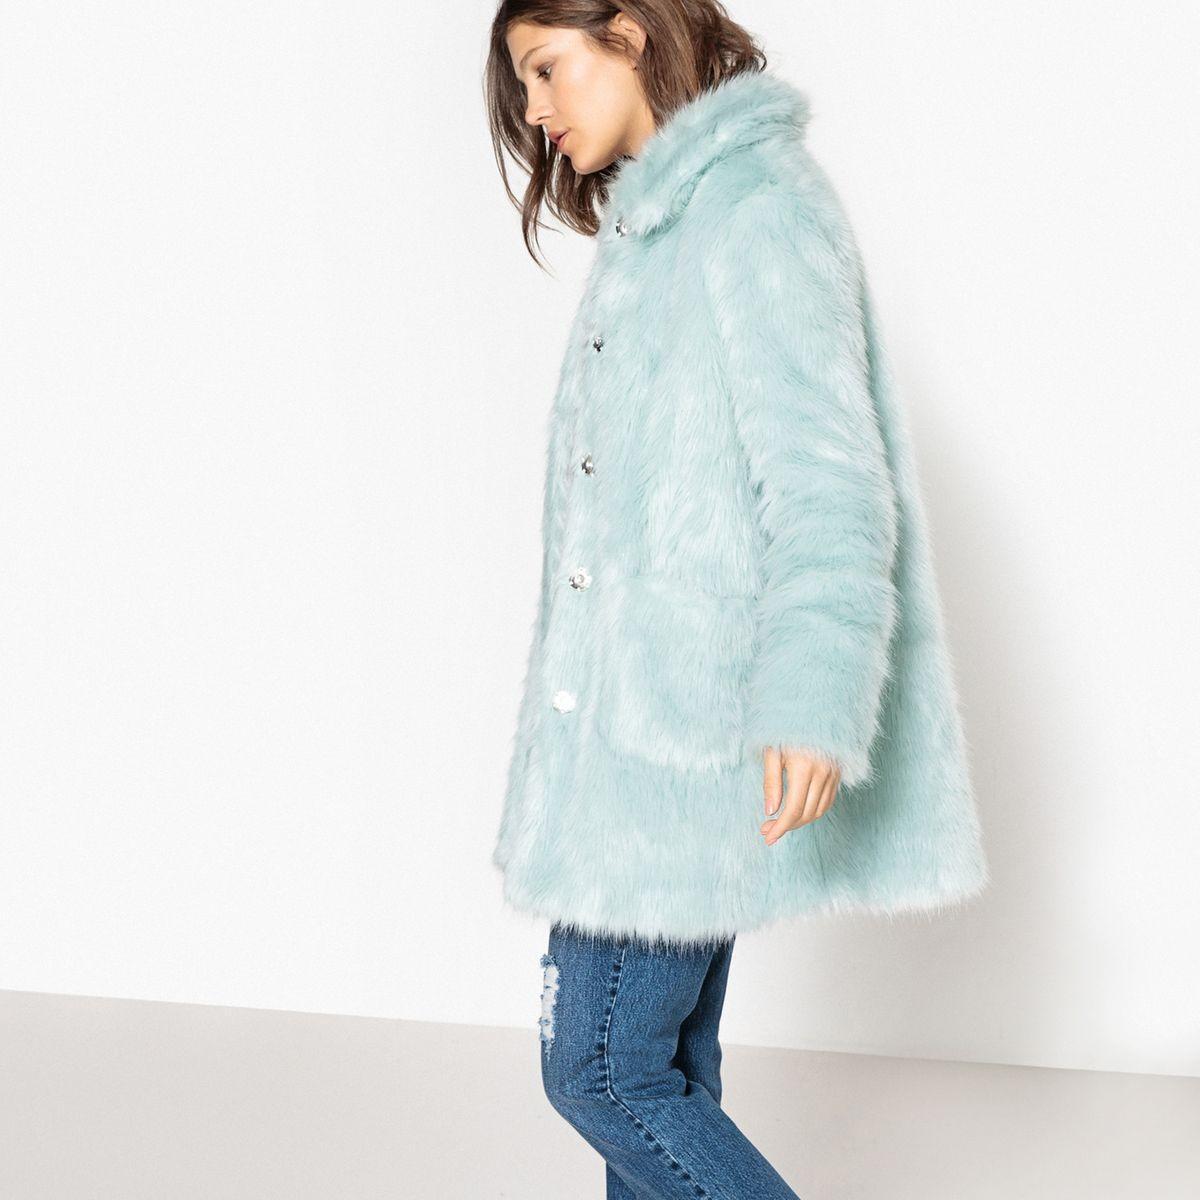 Des manteaux en fausse fourrure colorée pour passer l'hiver